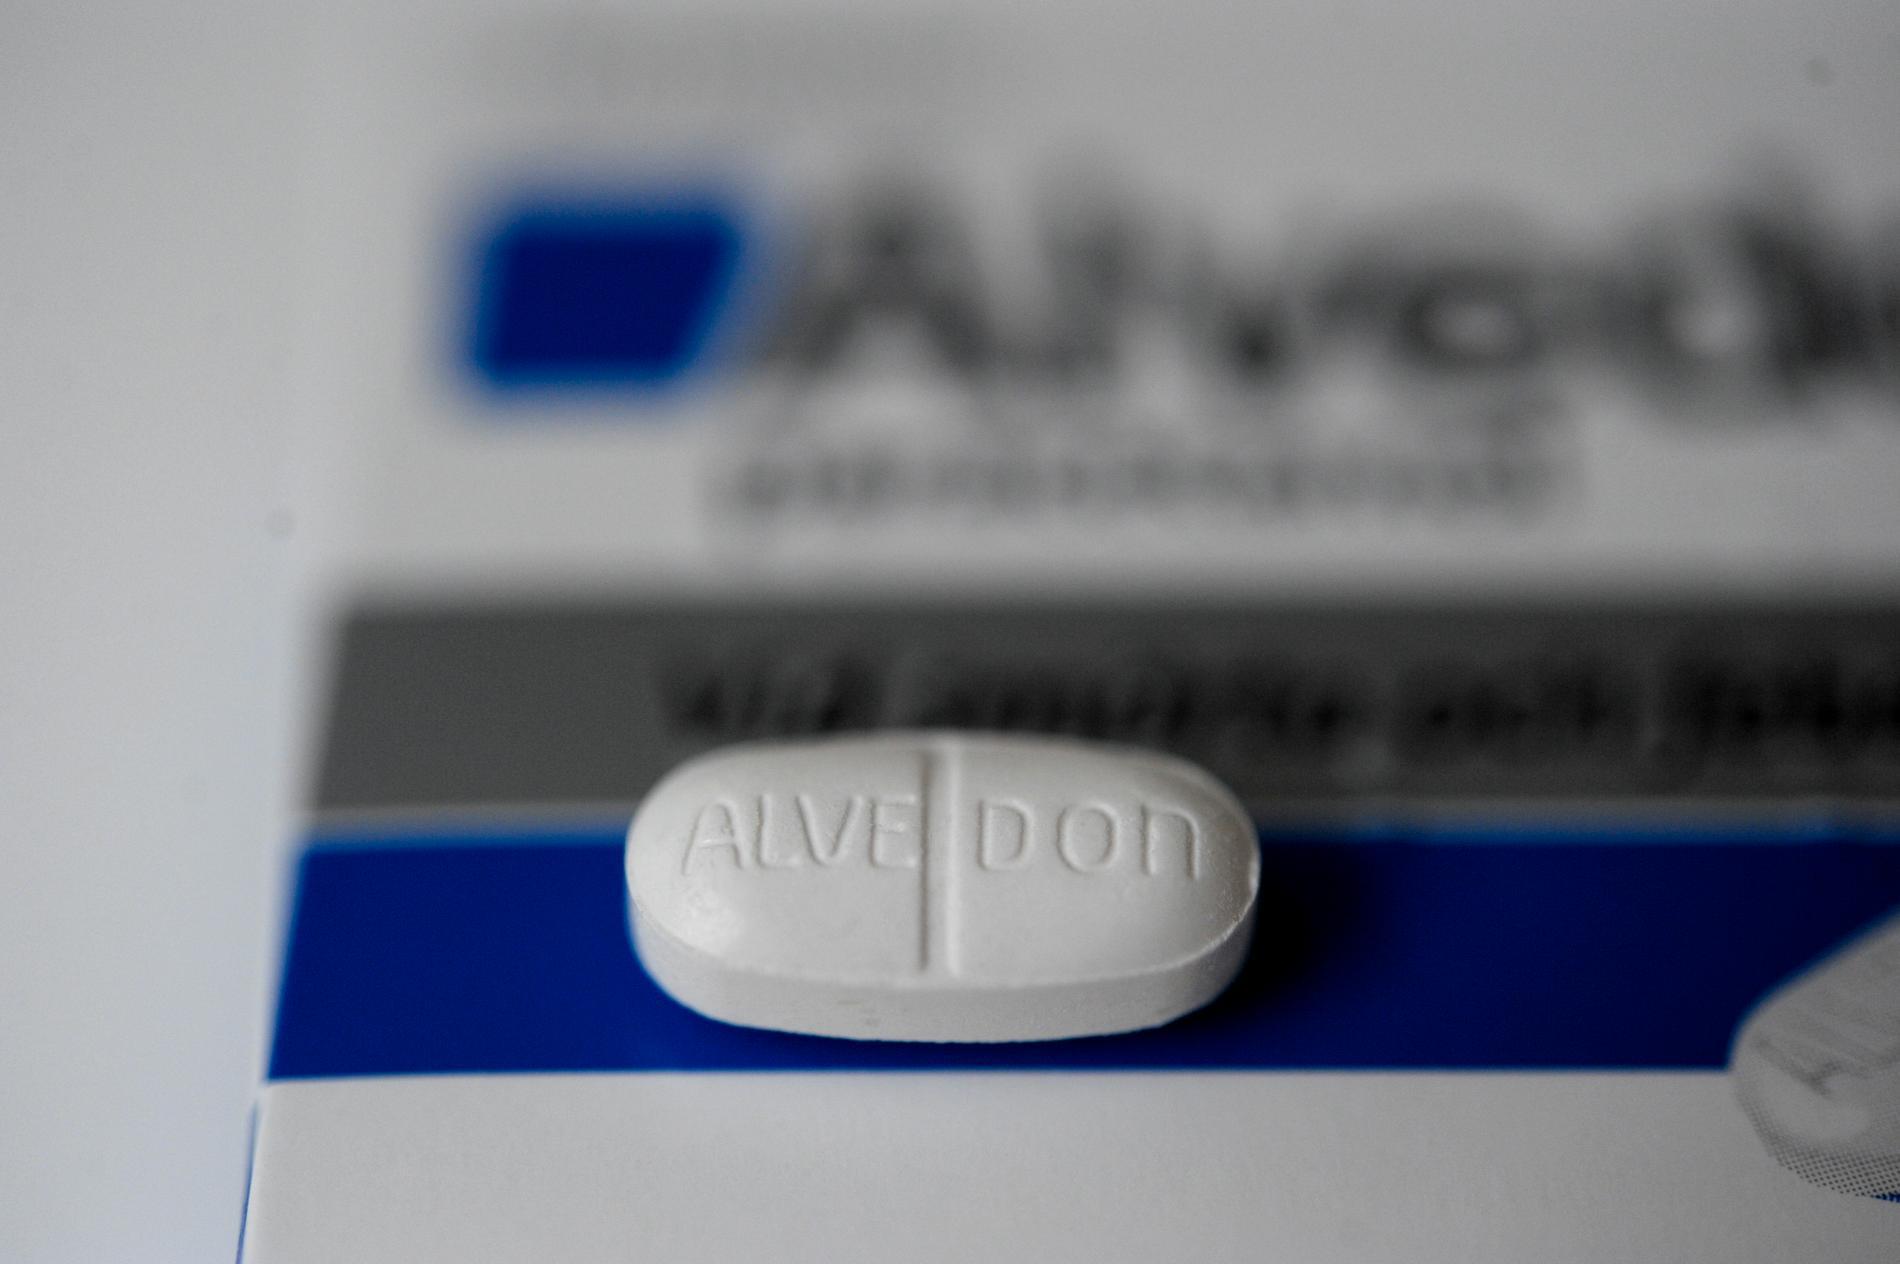 Paracetamol, som finns i Alvedon, kan ha en skadlig effekt på fostret under graviditeten. Arkivbild.